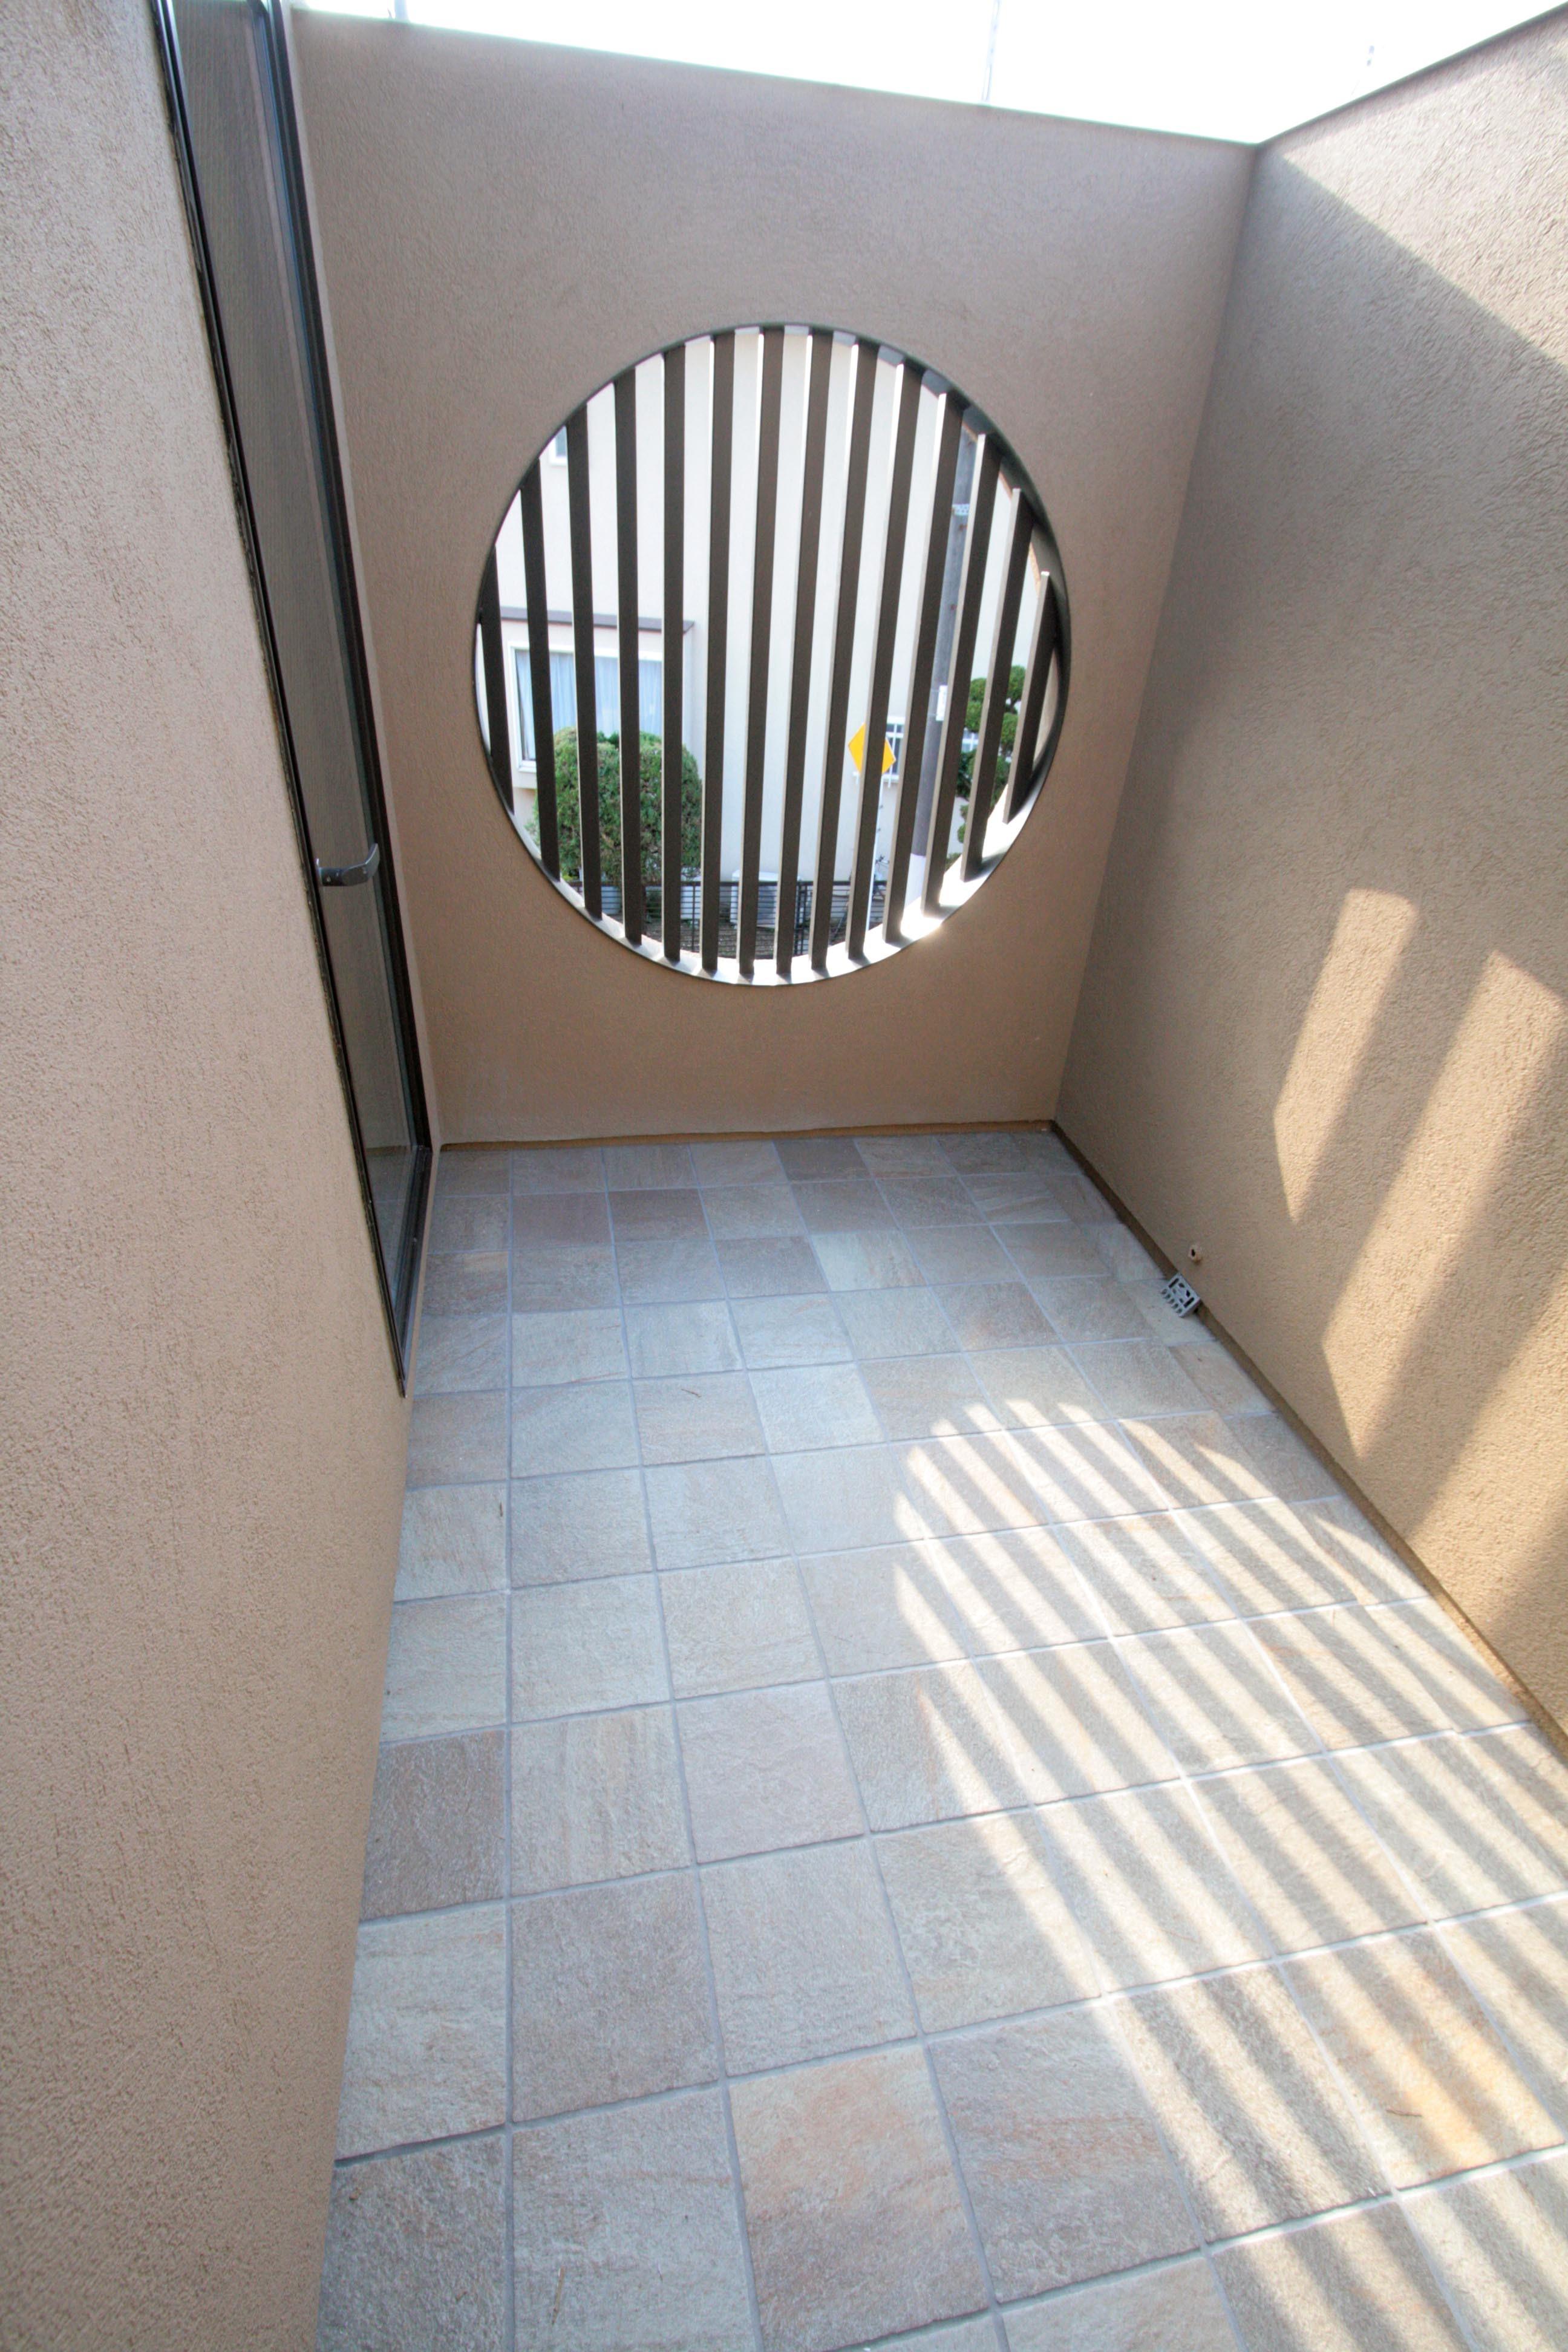 その他事例:2階の坪庭(大泉学園の家(薪ストーブを設けた吹抜けを中心とした自然素材の家))